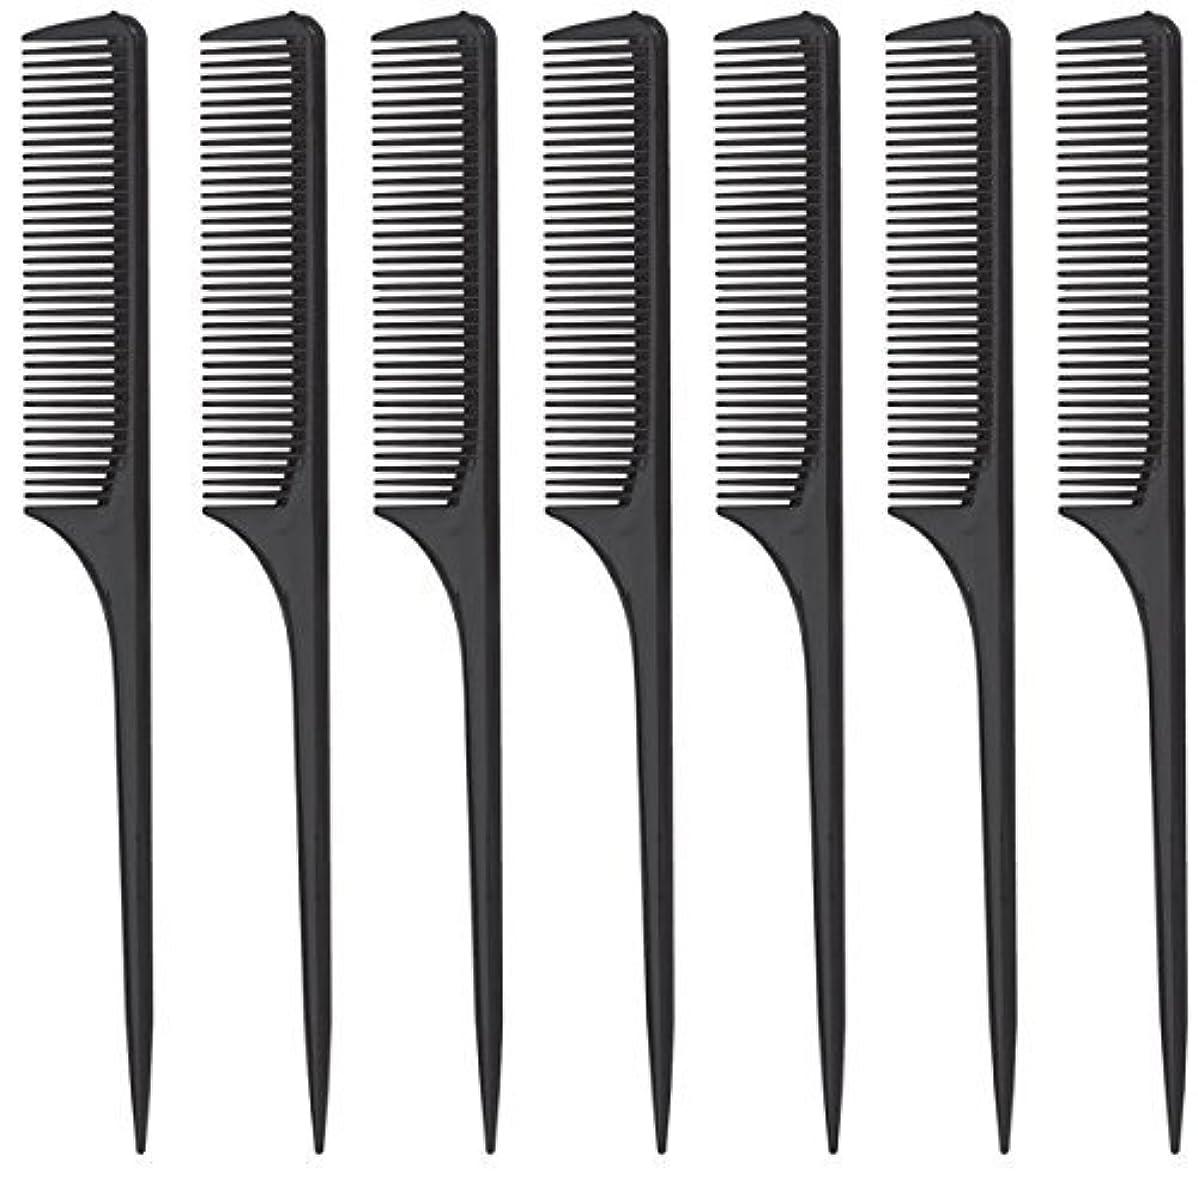 論理ジュラシックパーク逆にDiane Rat Tail Comb, Black, 9 Inch, 12 Count [並行輸入品]